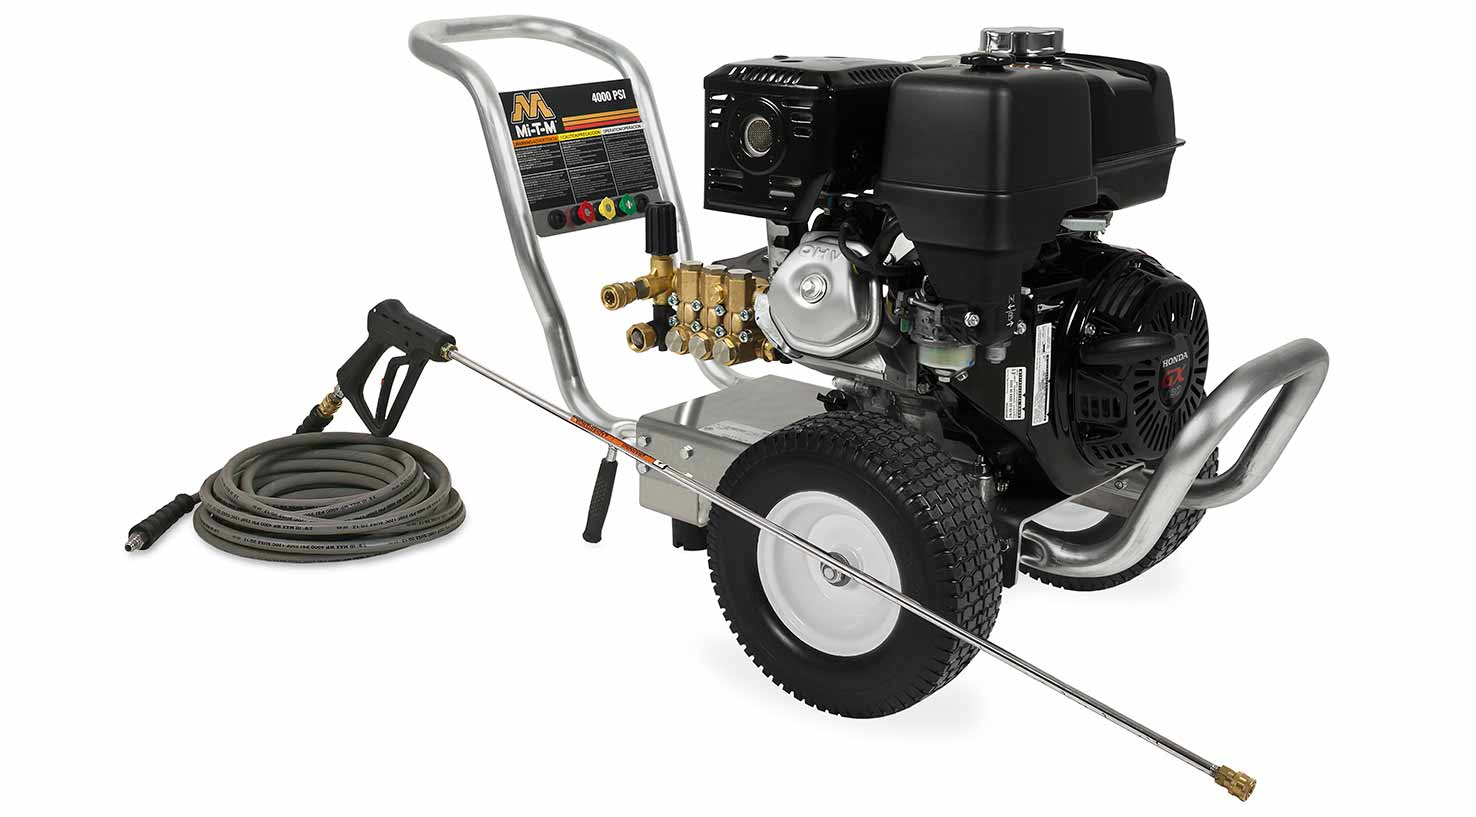 Mi-T-M Work Pro Series cold water pressure washer